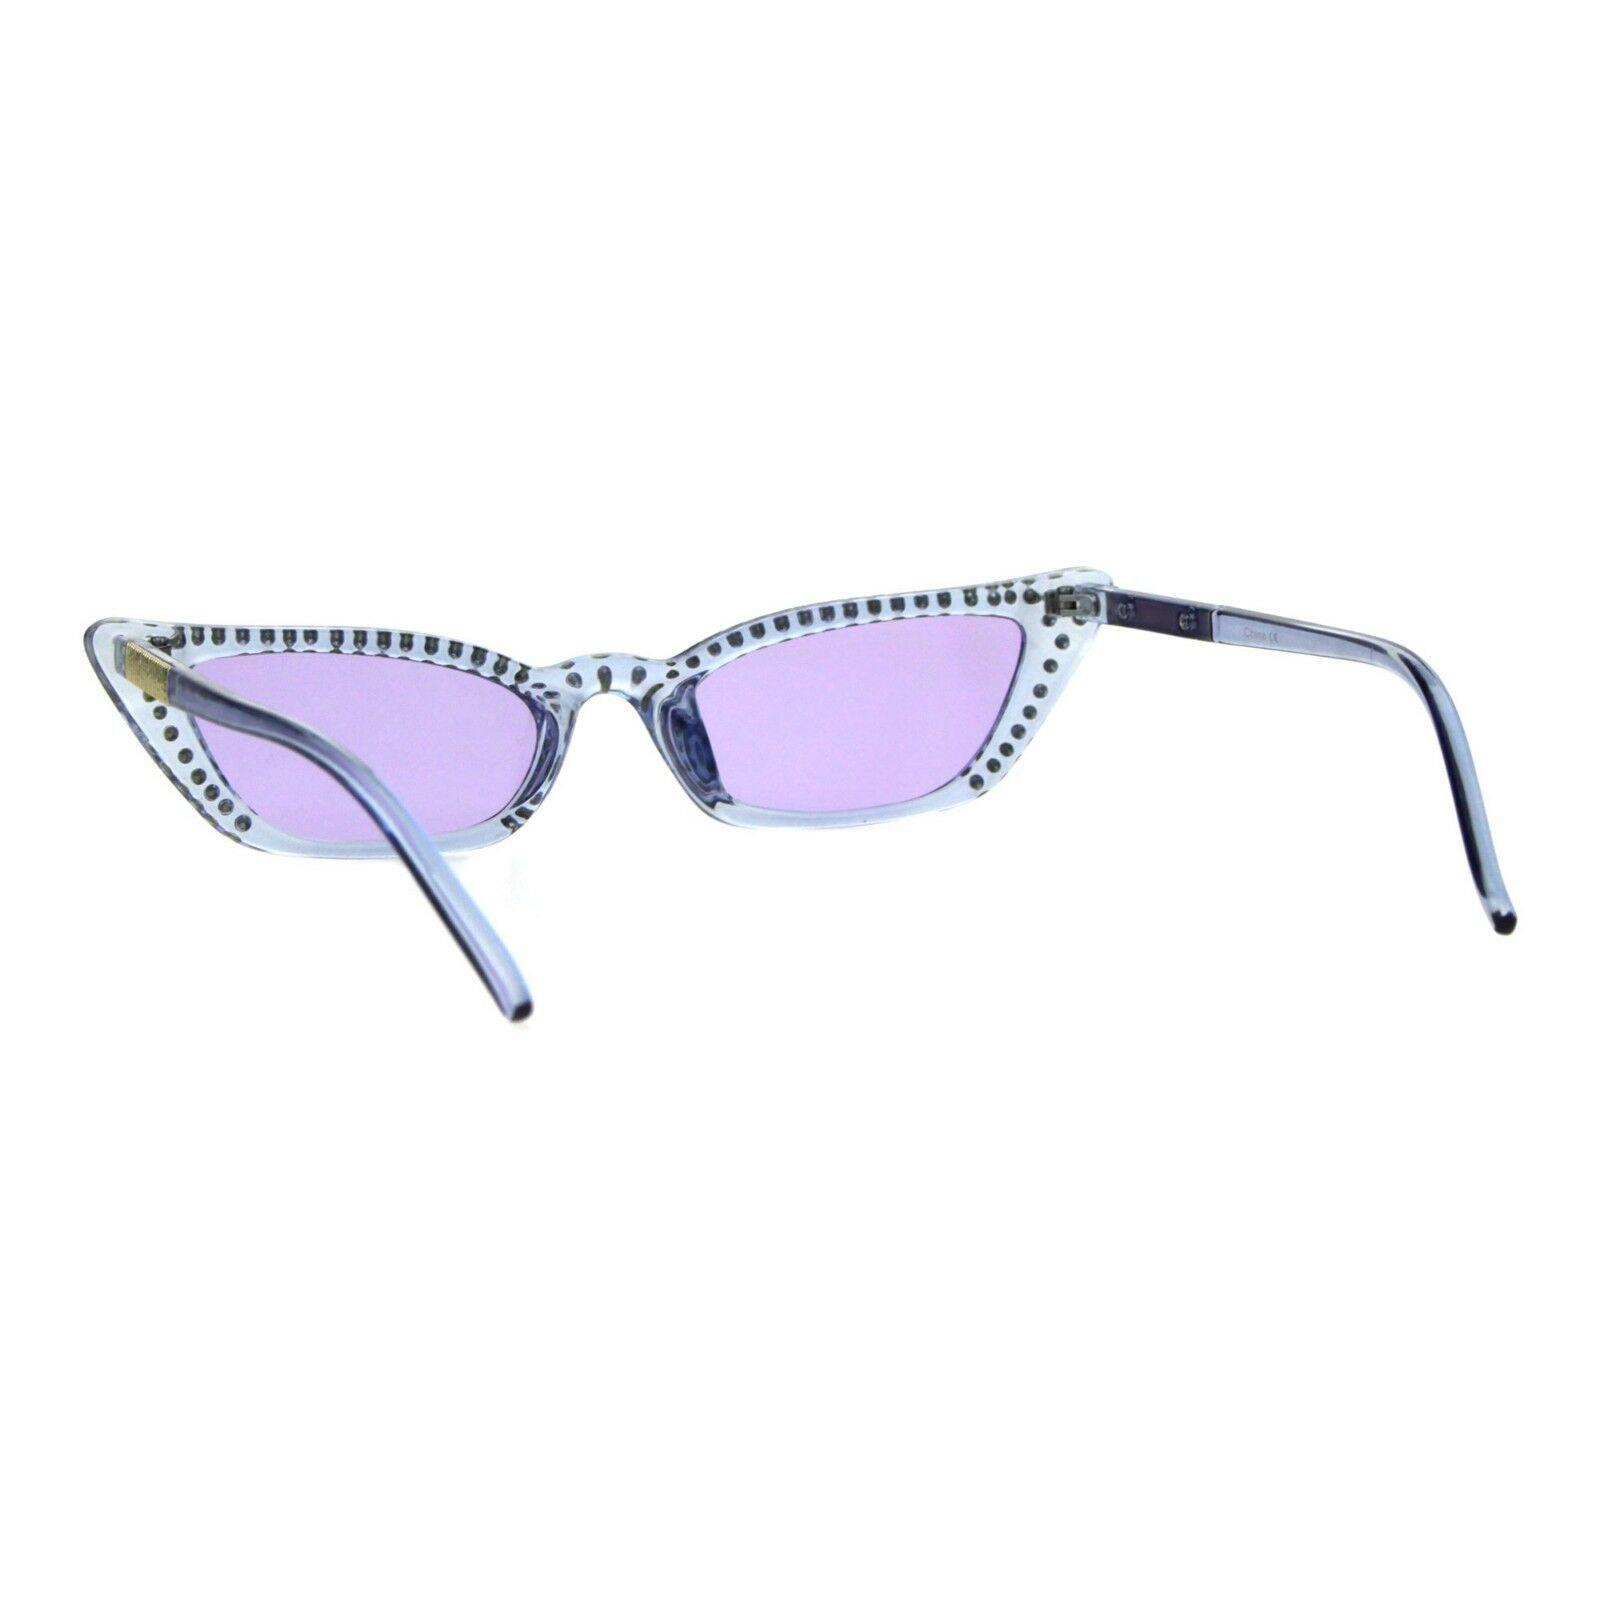 Womens Skinny Sunglasses Rhinestone Rectangular Cateye Frame UV 400